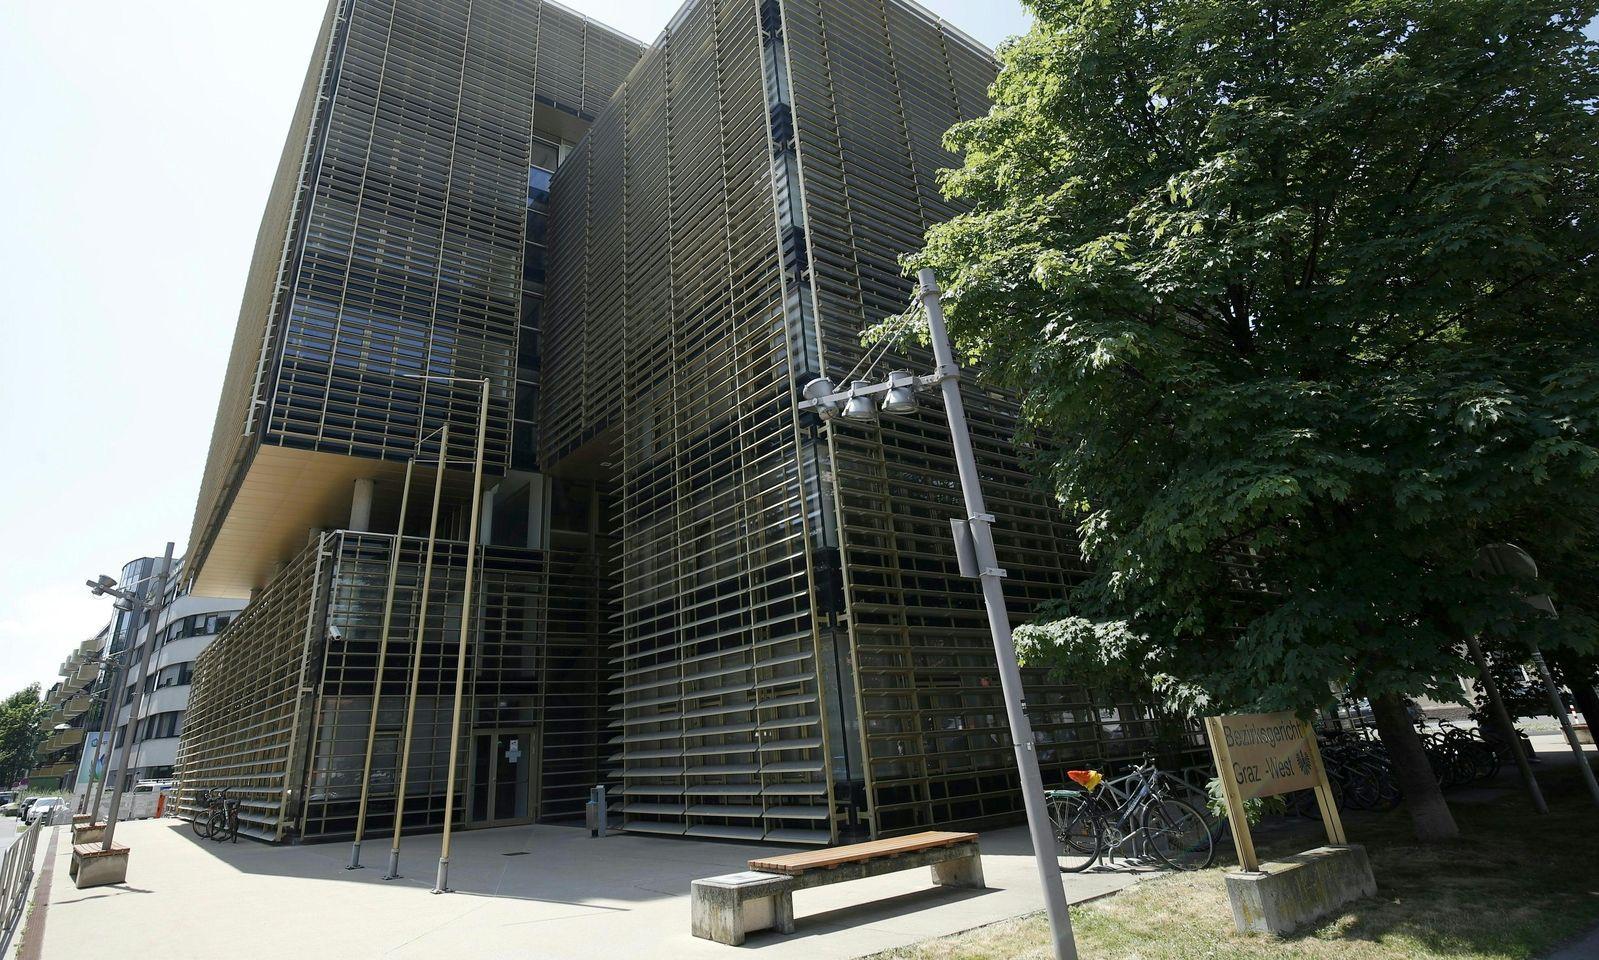 Auch beim Bezirksgericht West wurde ein Brandanschlag verübt